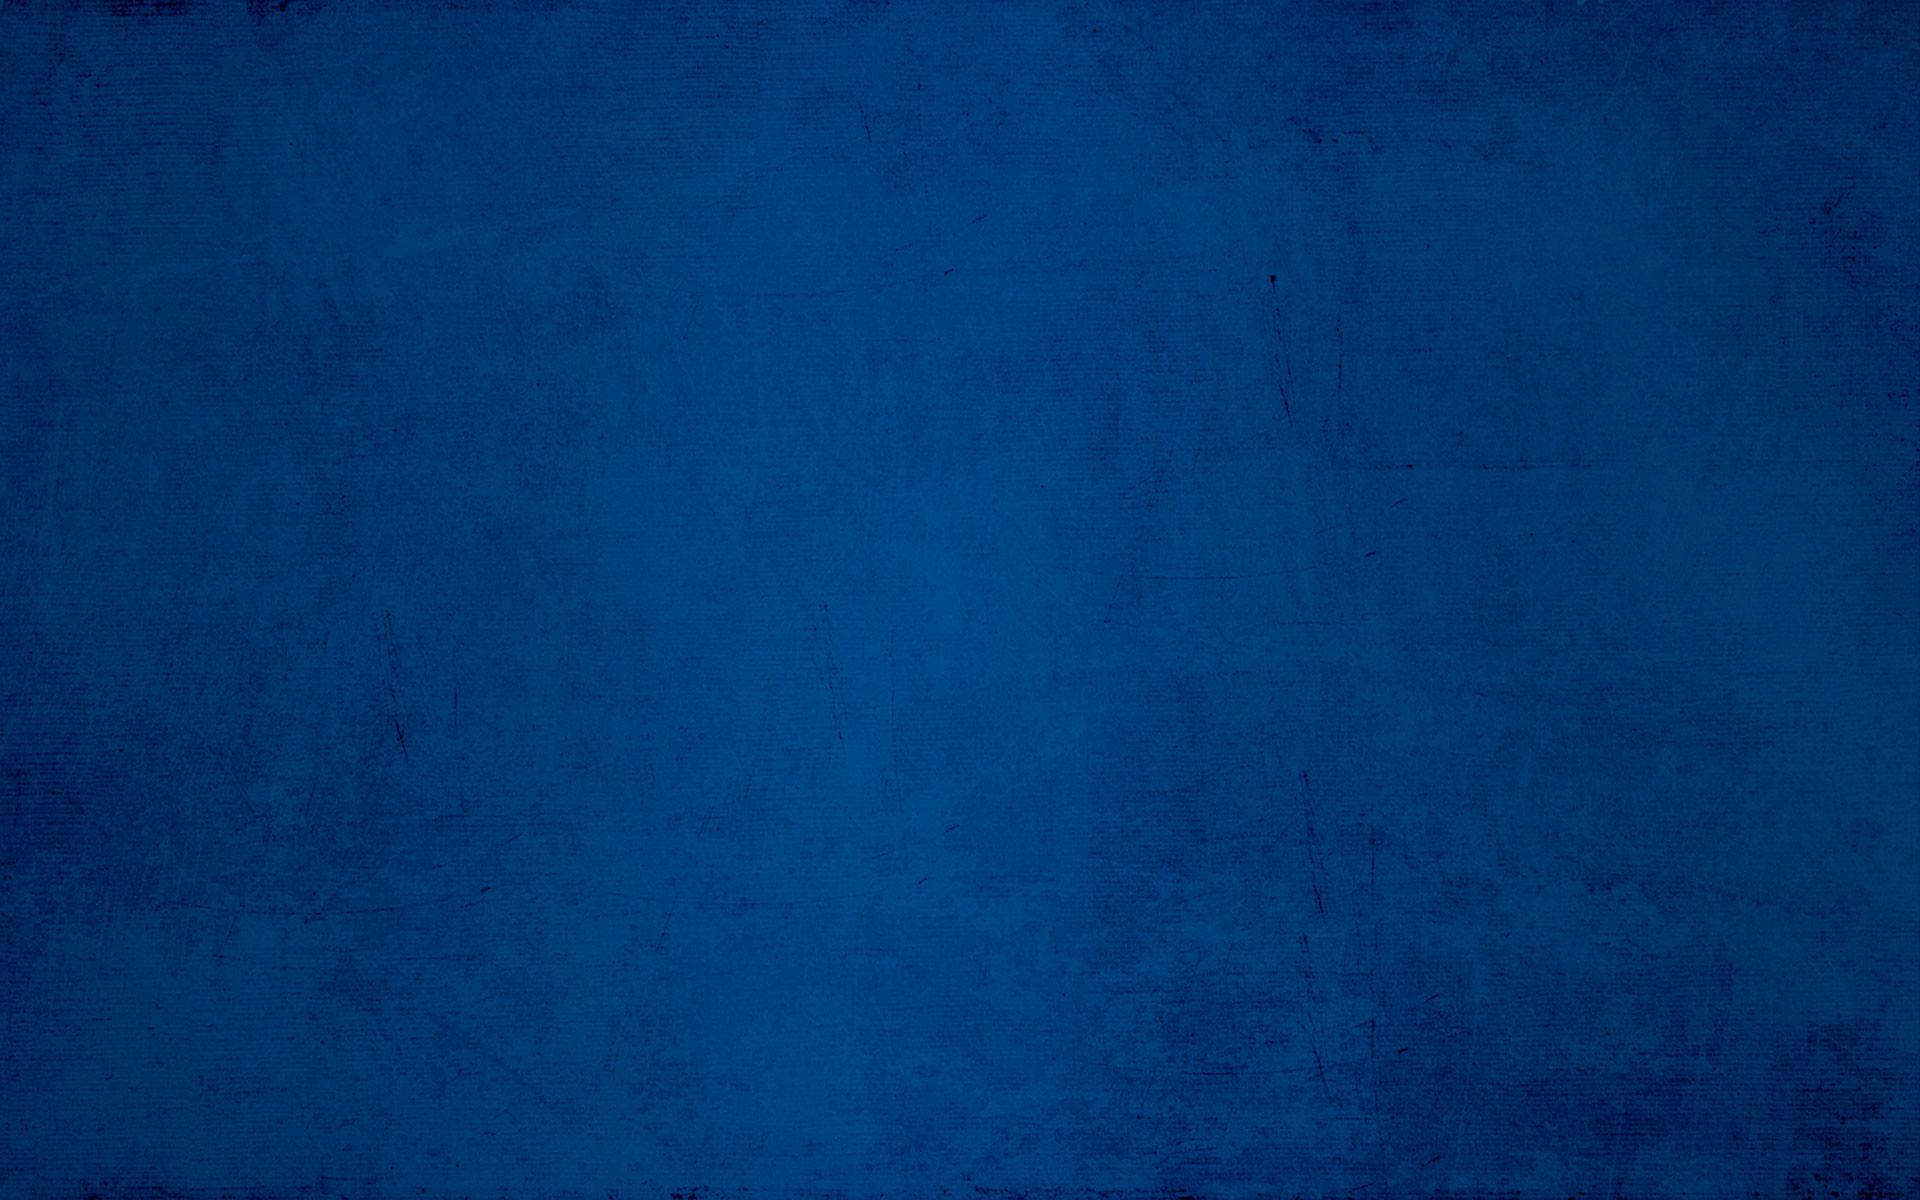 Textura fondo azul - 1920x1200